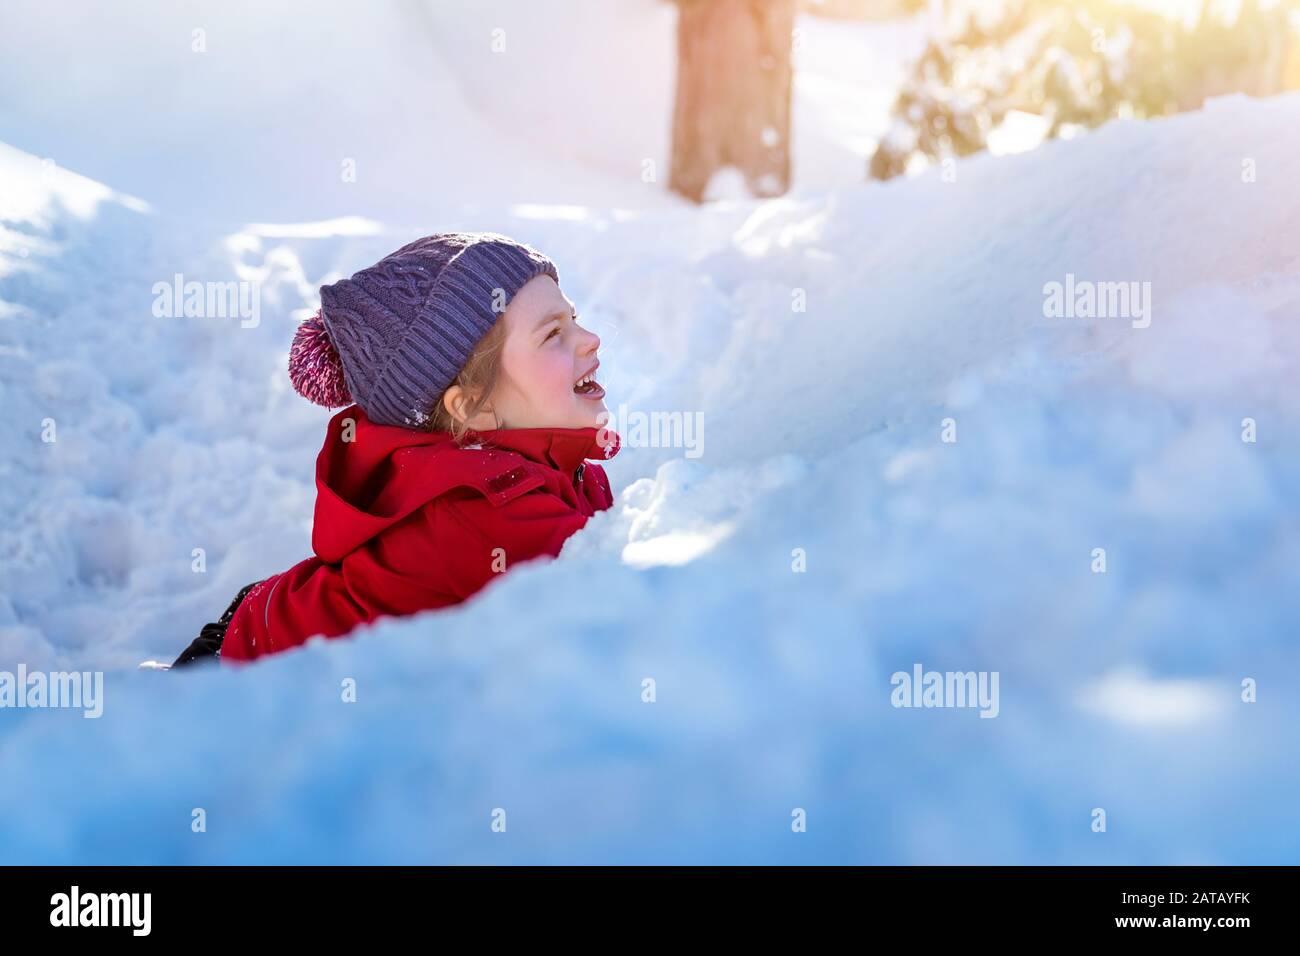 Niño alegre en la nieve, niña encantadora y linda tumbada en la pila de nieve y riendo, disfrutando de las vacaciones de invierno, feliz infancia sin preocupaciones Foto de stock